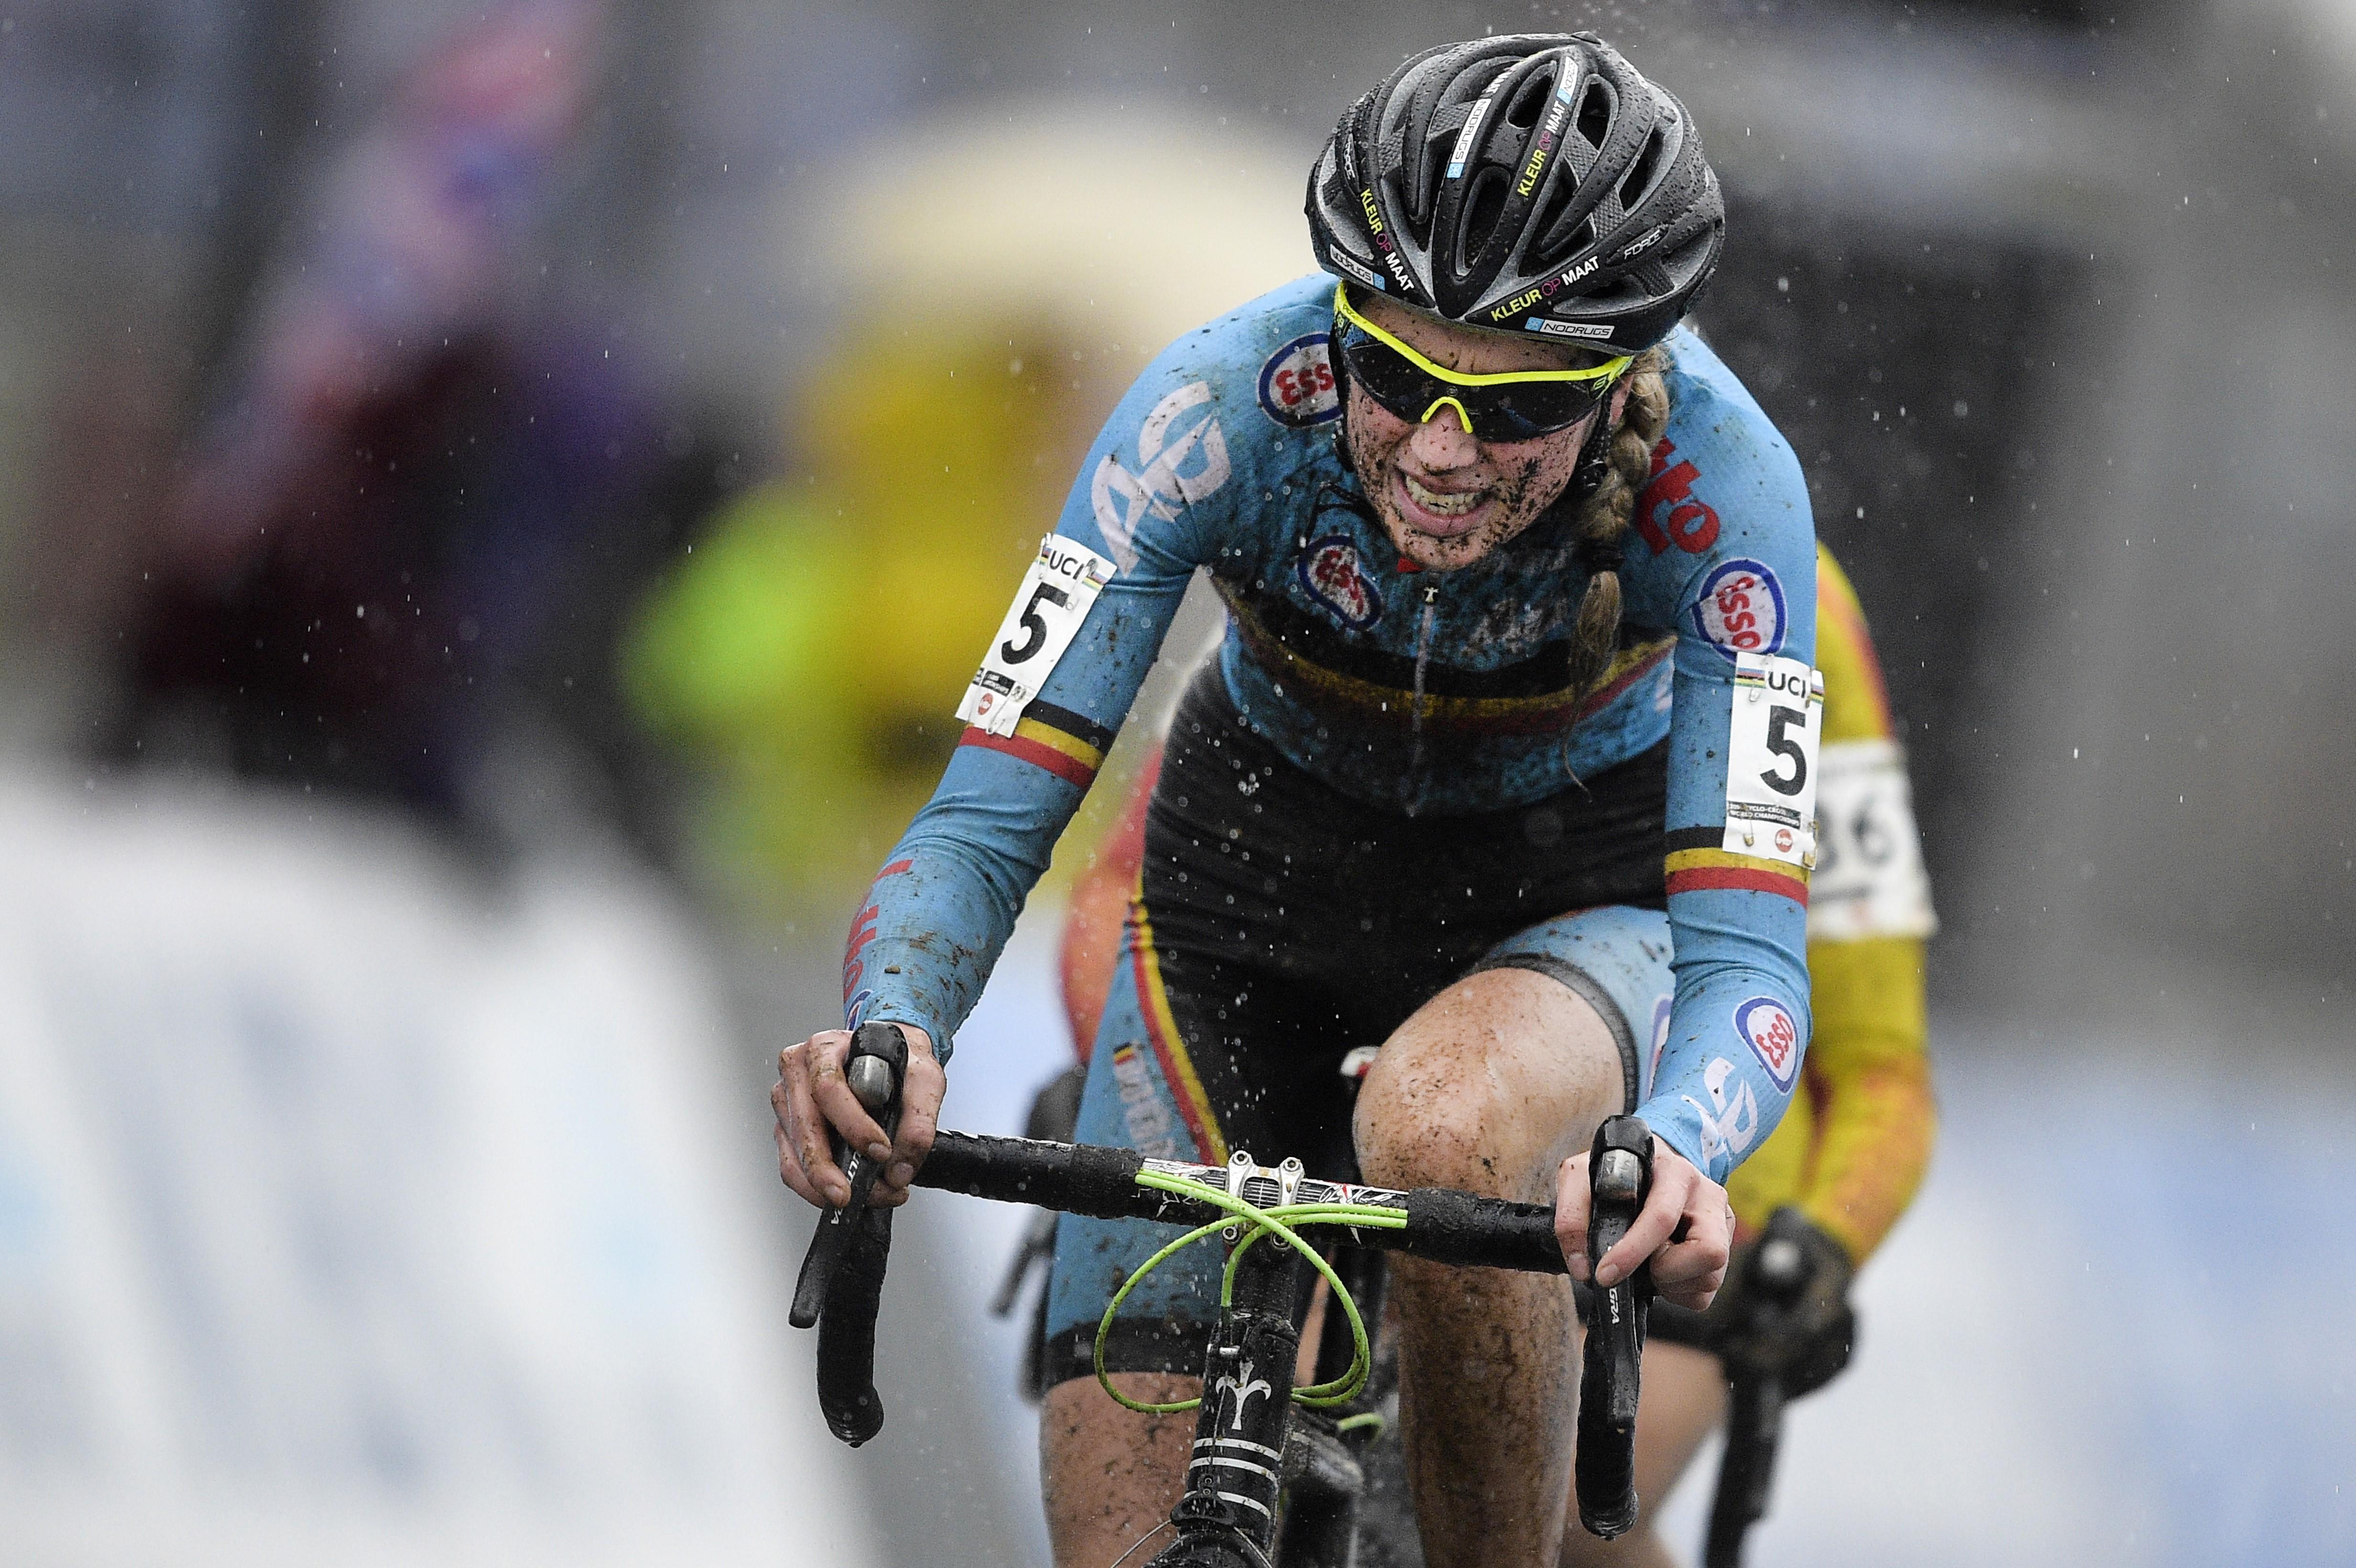 La Belge Femke Van den Driessche, première cycliste convaincue d'avoir utilisé un vélo à moteur, lors des Mondiaux Juniors de cyclo-cross à Heusden-Zolder, le 30 janvier 2016